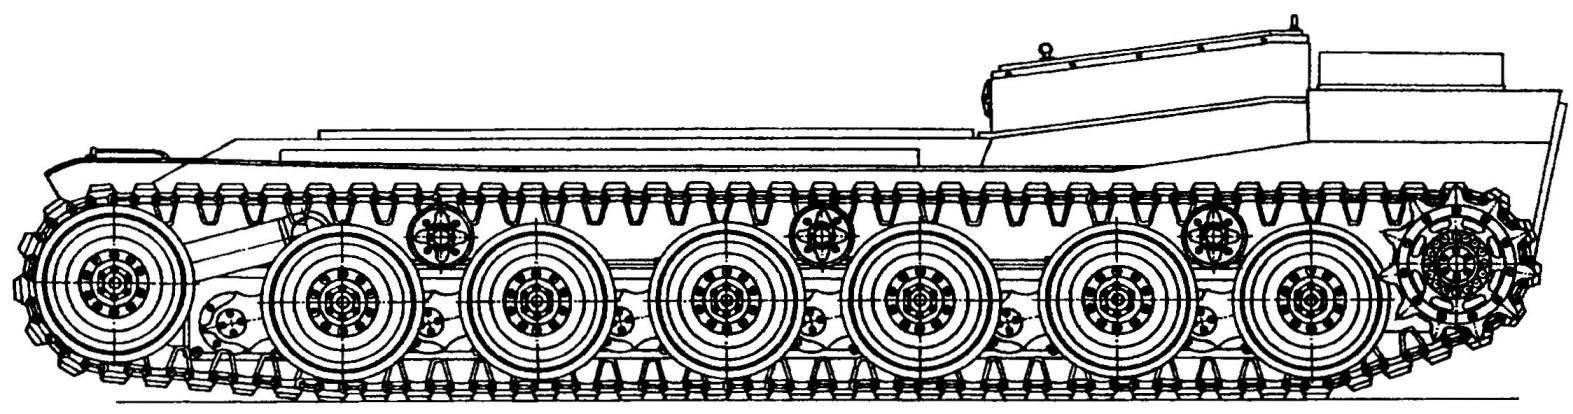 Ходовой макет шасси танка МВТ-70 (американский вариант) при минимальном клиренсе